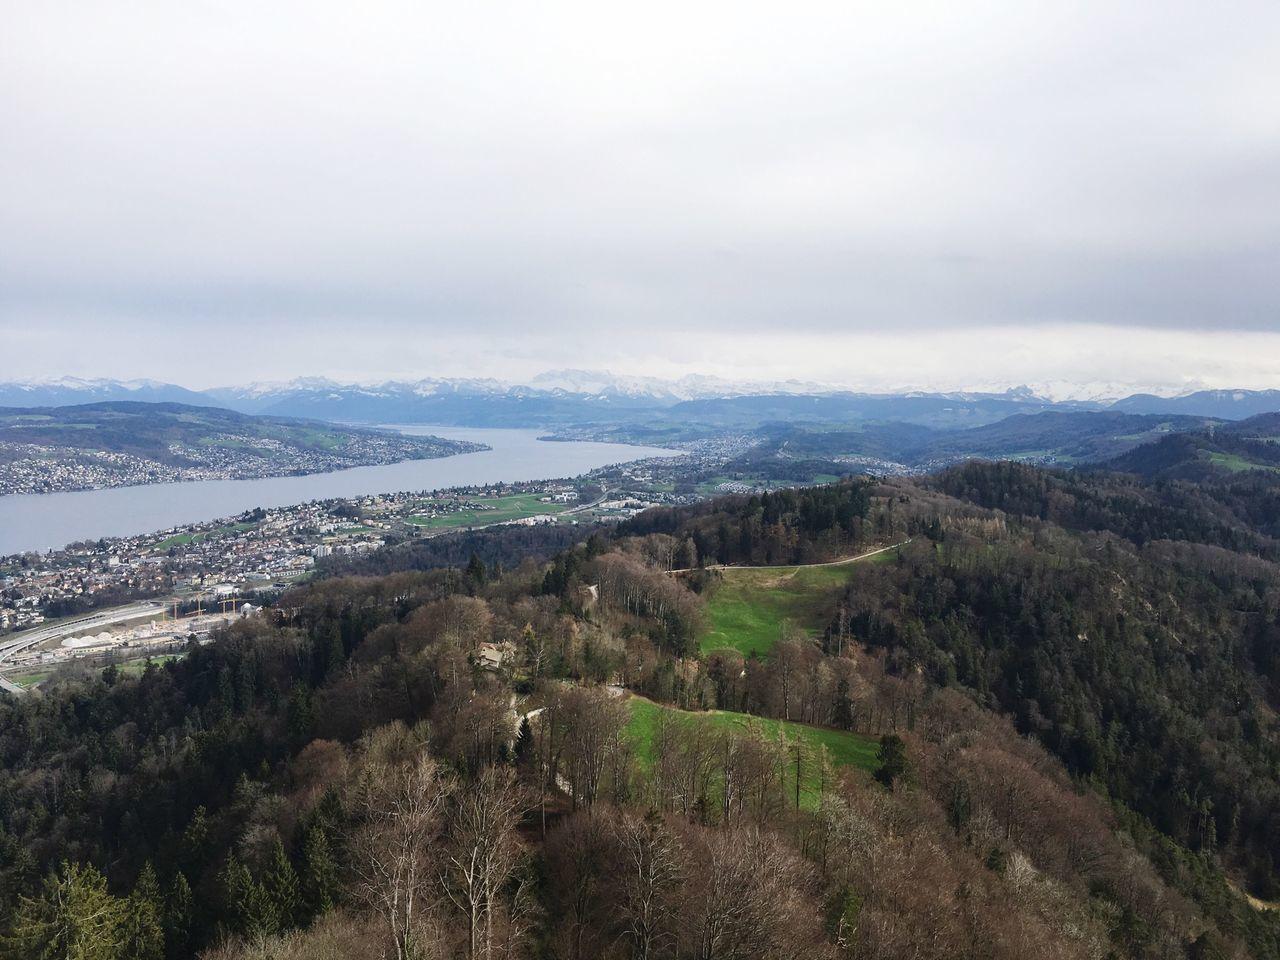 Littlebigcity Zürichsee Zürich Scenic View